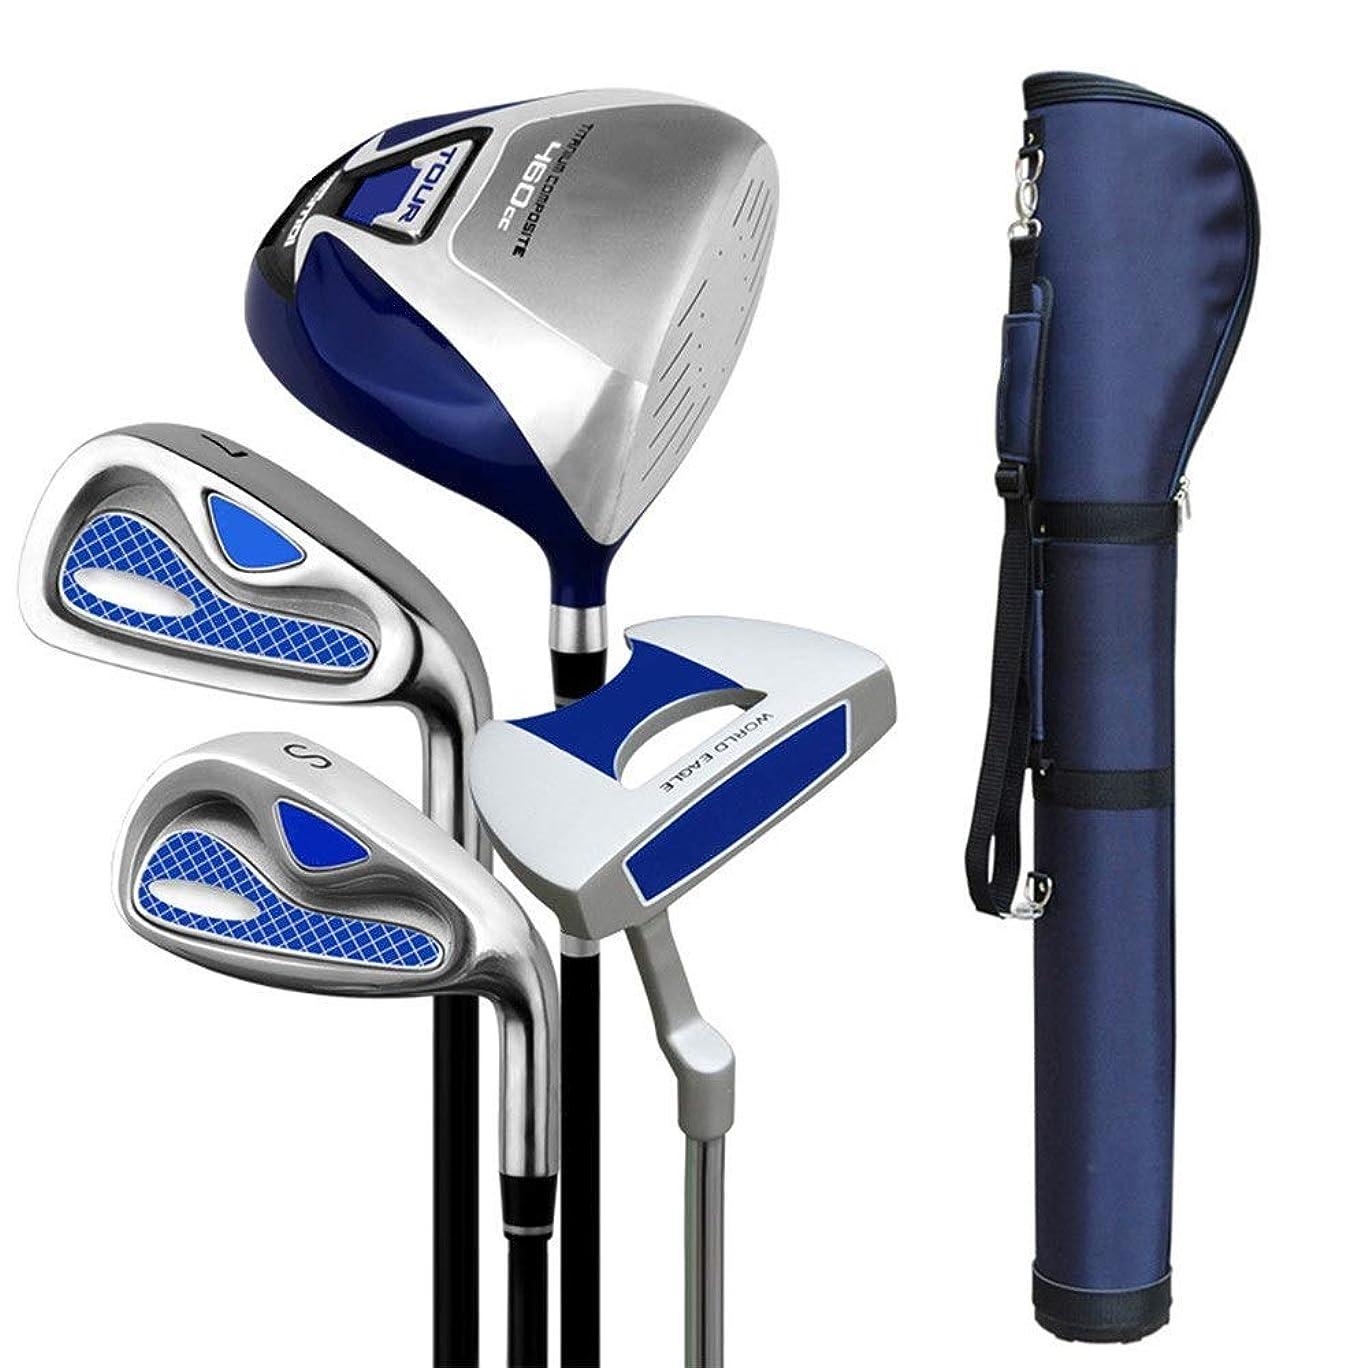 生む吸収するホテルゴルフパター完全練習ゴルフクラブセットメンズセミセットポールエクササイザーゴルフ初心者セット用キッズキッズ3-12歳 ゴルフアイアンセットワークスパター (色 : One color, サイズ : S3)